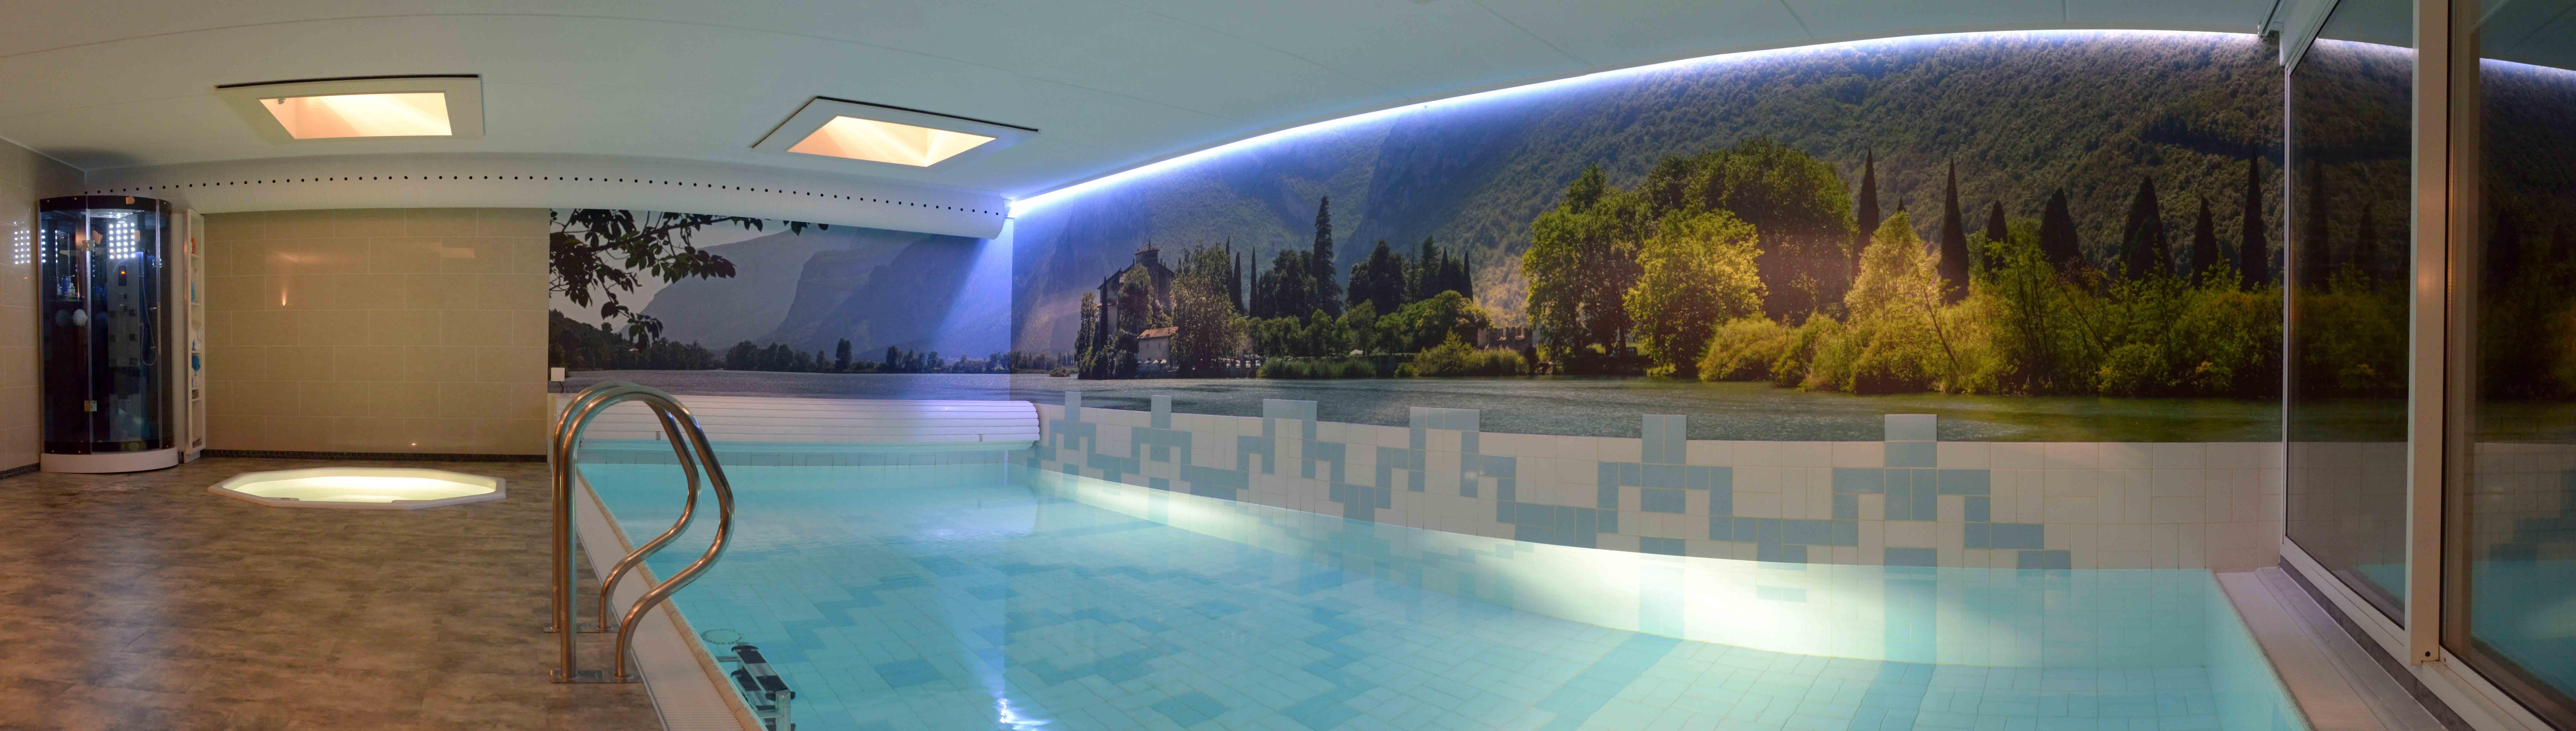 fotobehang in prive zwembad fotowandenshop